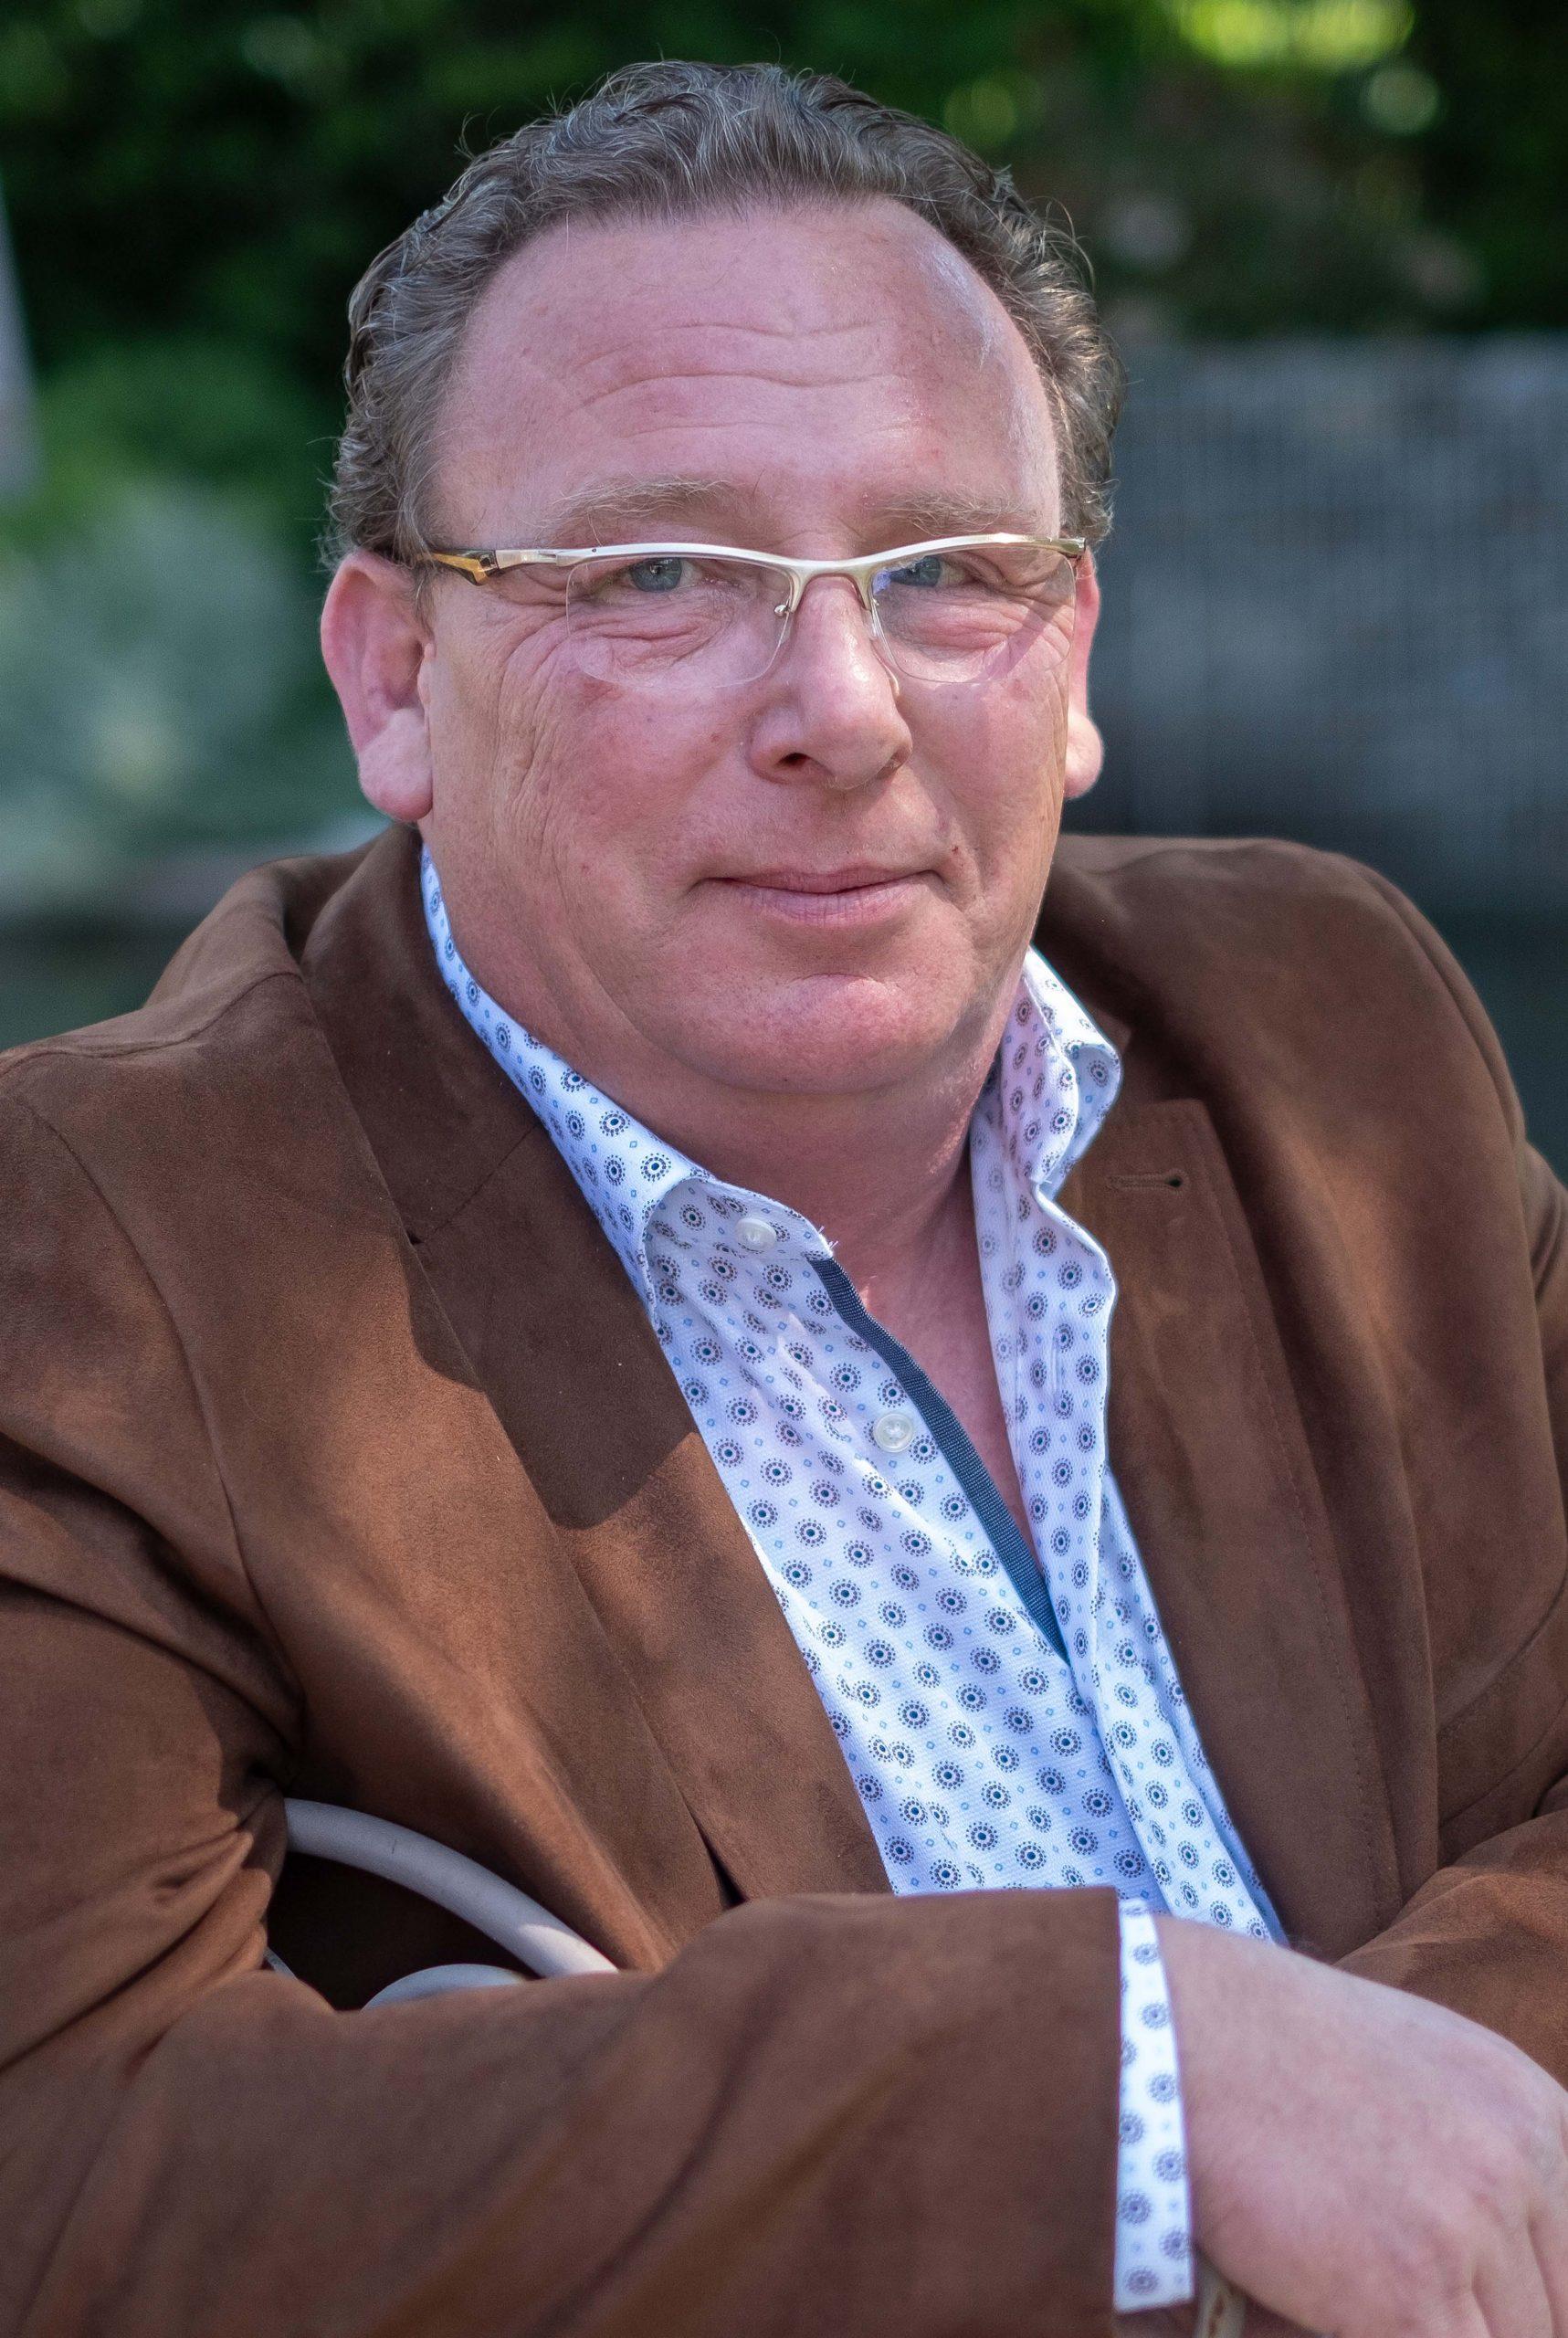 Andreas Mildner